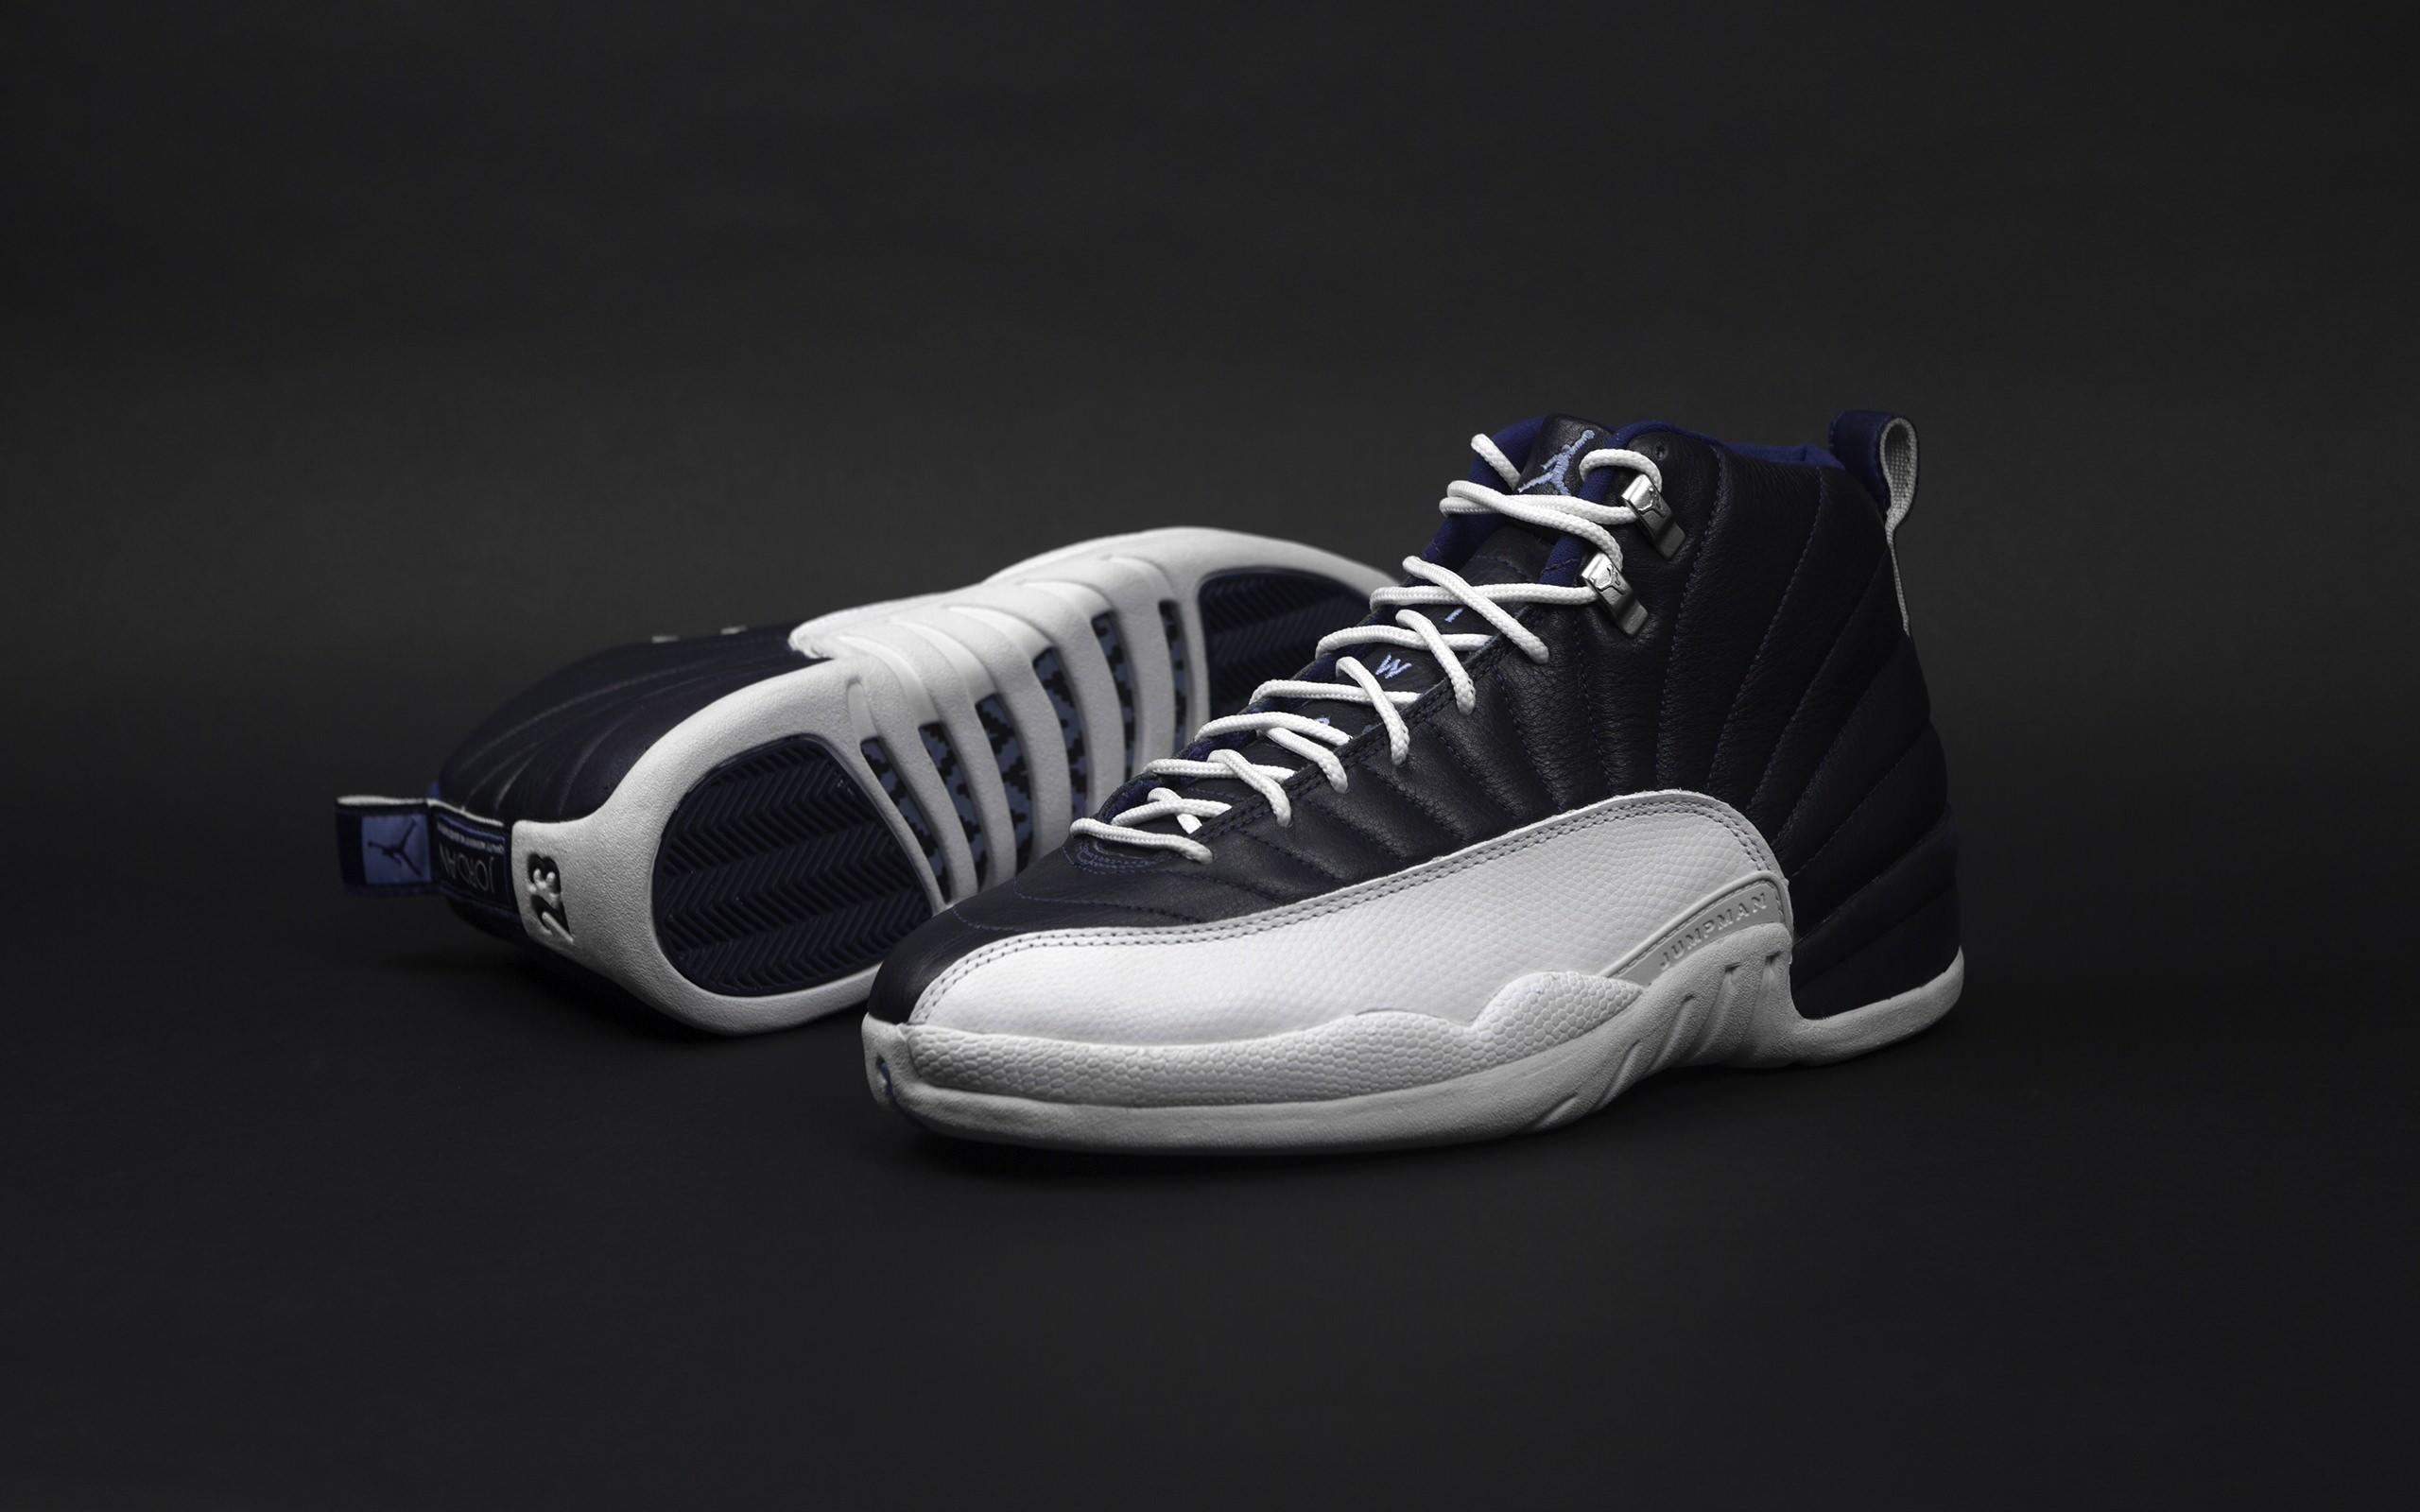 Air Jordan Shoes Wallpaper